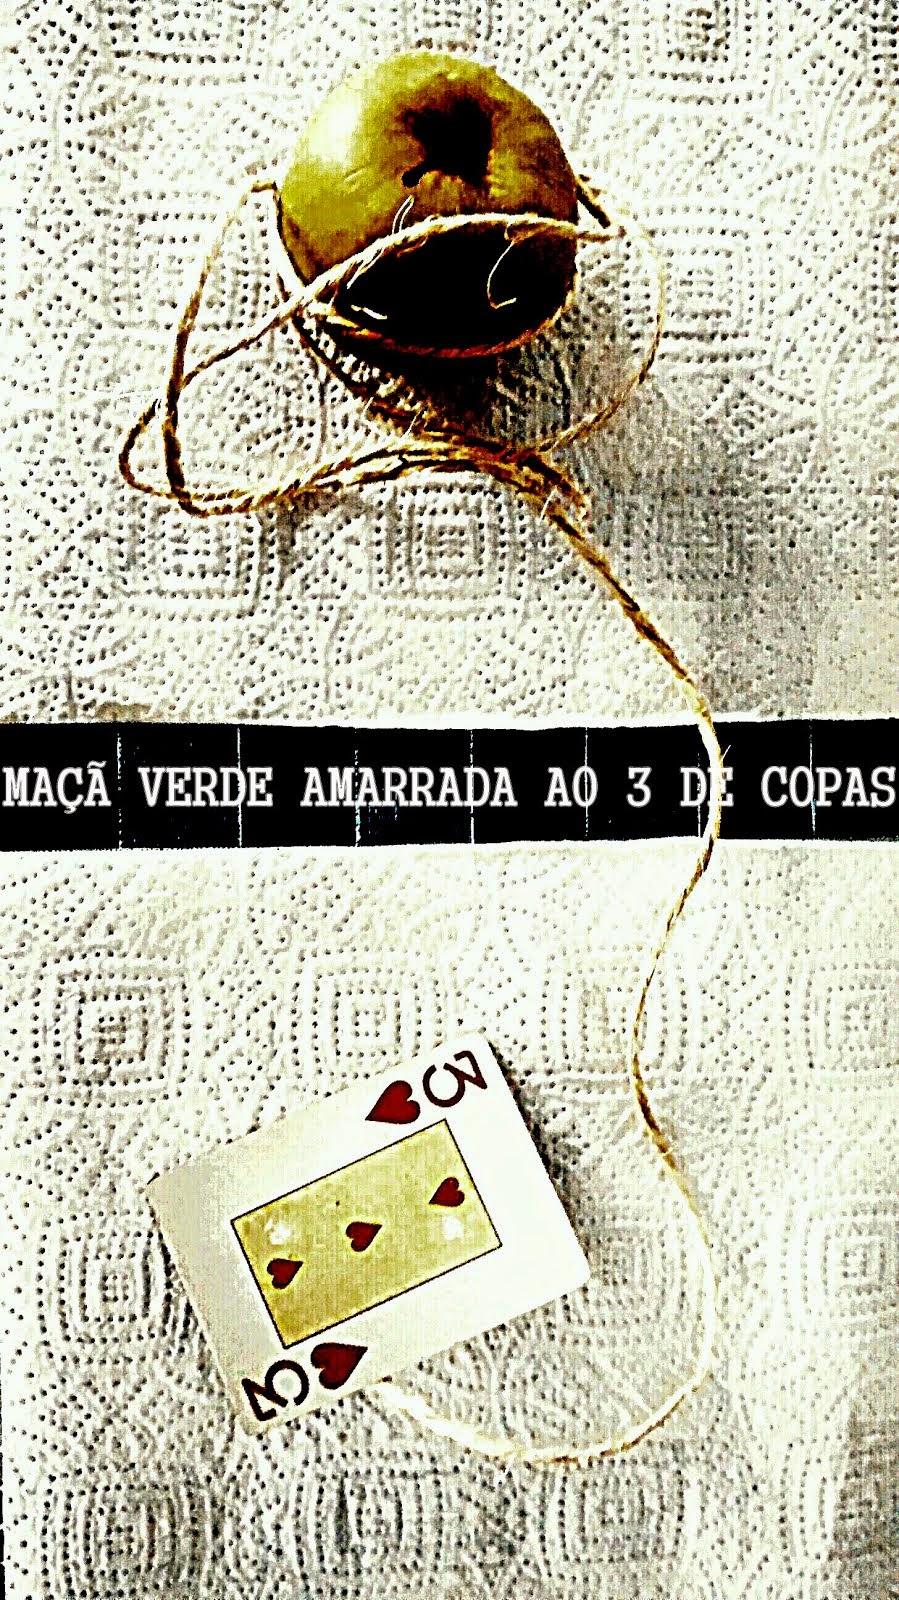 MAÇÃ VERDE AMARRADA AO 3 DE COPAS